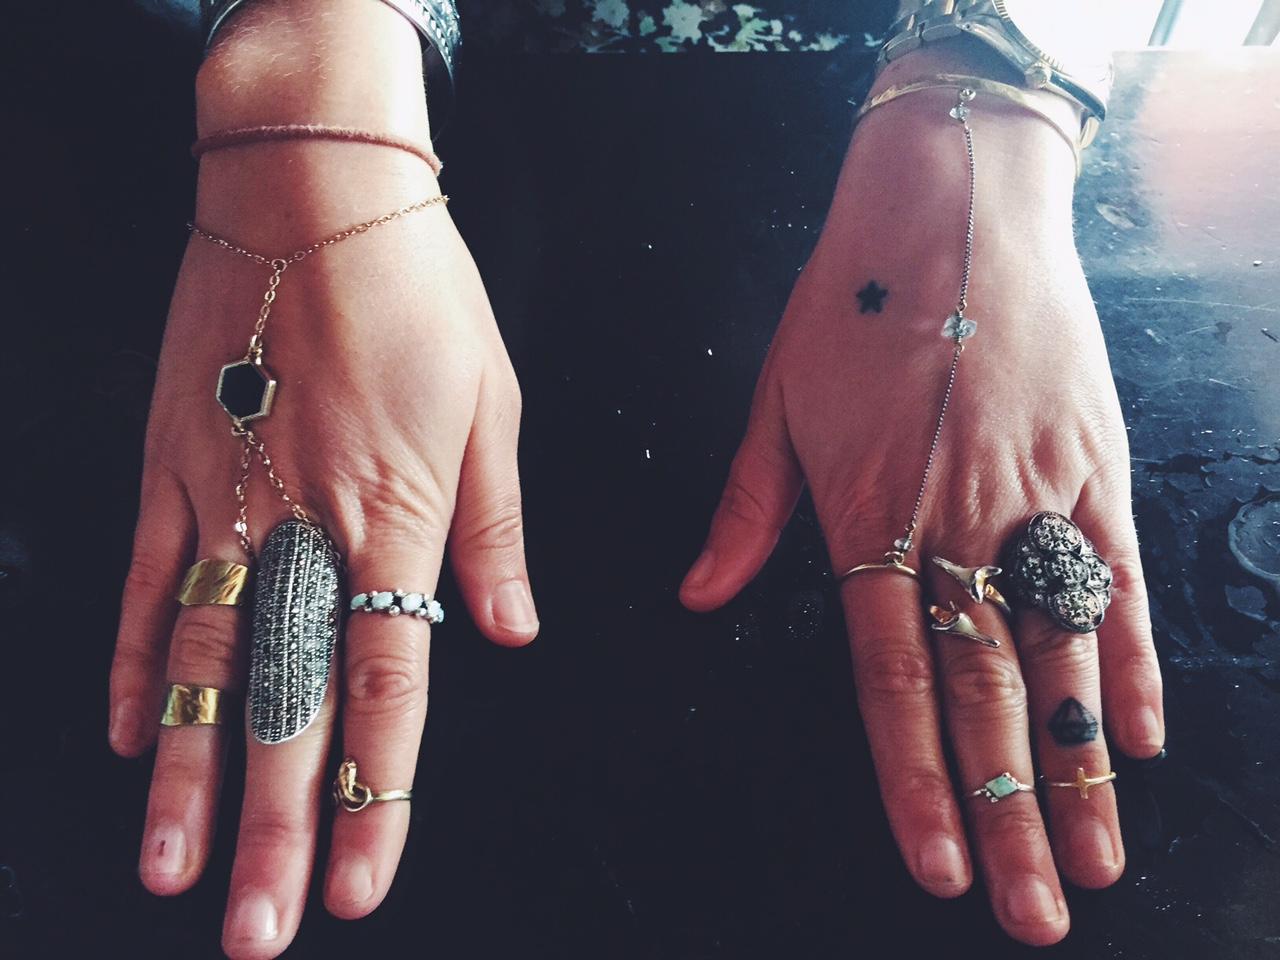 kels-hands.jpg